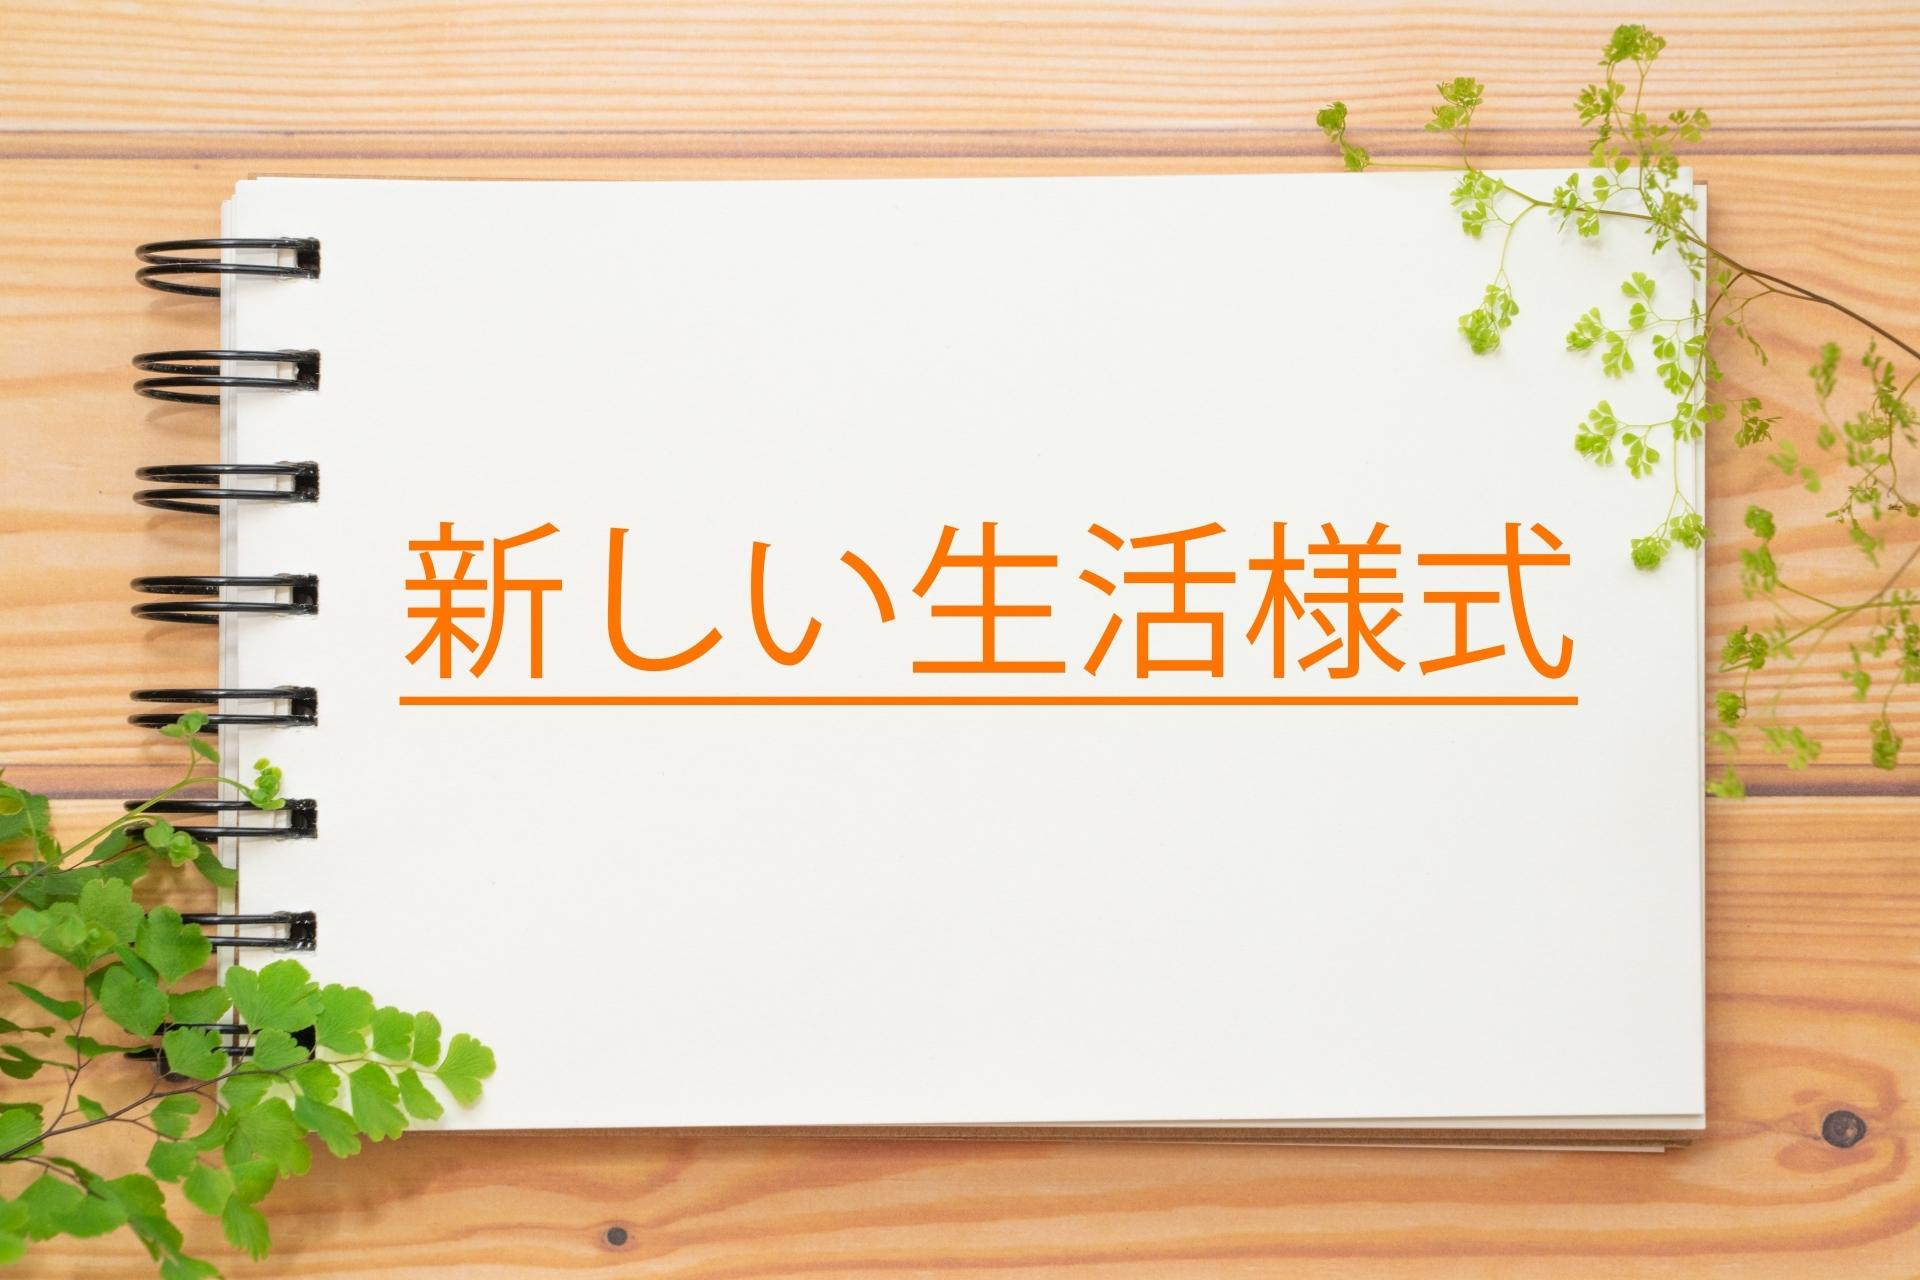 【8/1更新】当サロンでの新しい生活様式